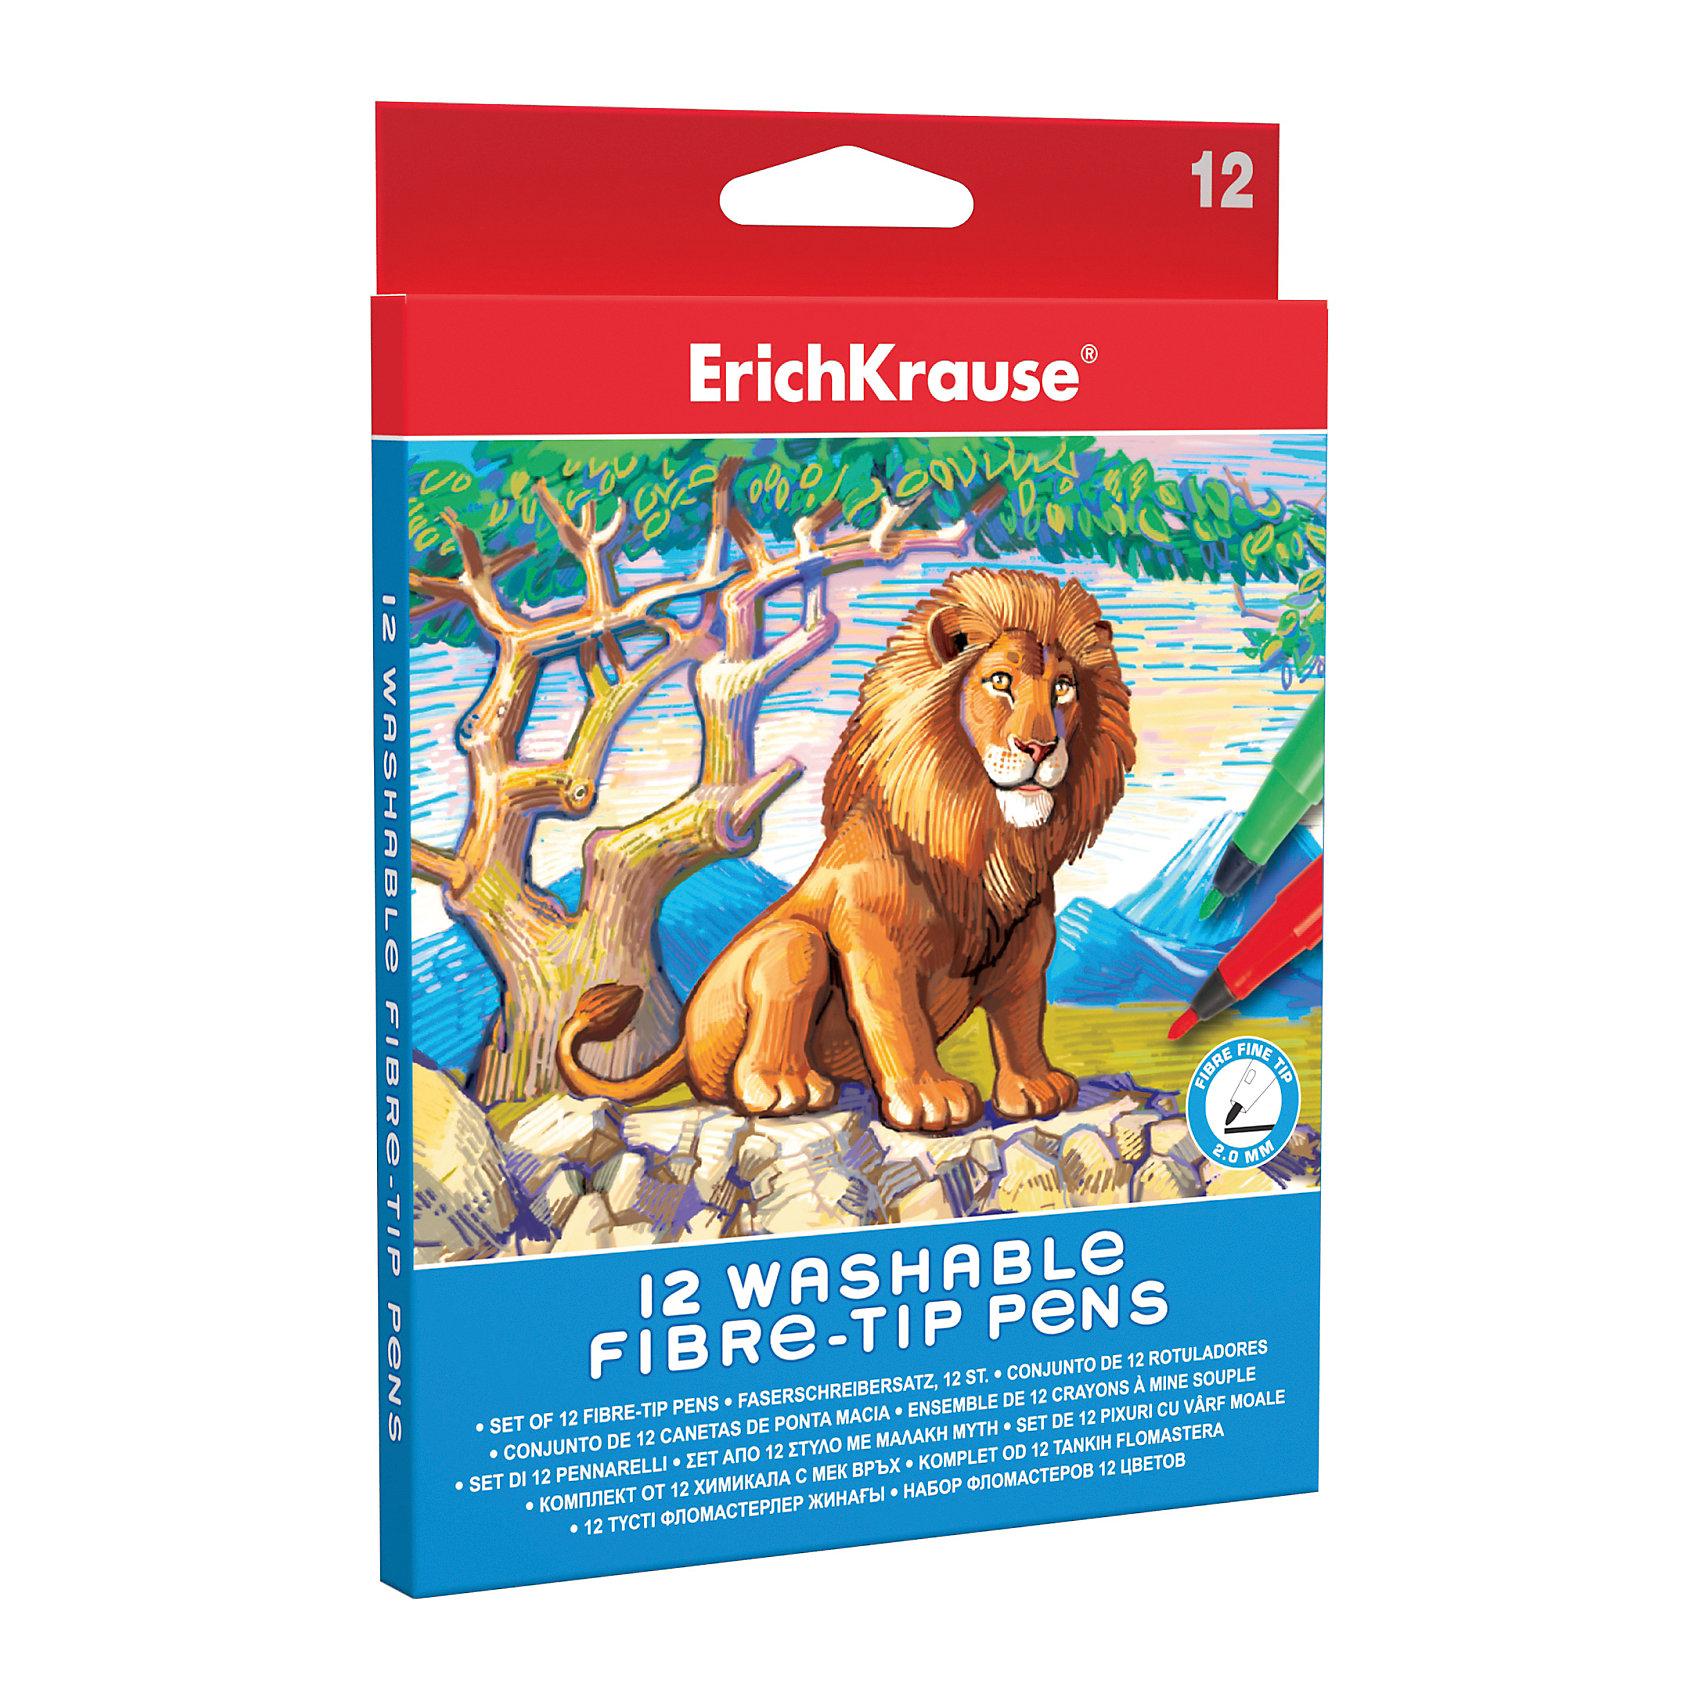 Фломастеры ArtBerry easy washable 12 цветовПисьменные принадлежности<br>Фломастеры ArtBerry easy washable 12 цветов<br><br>Характеристики:<br><br>• В набор входит: 12 фломастеров<br>• Размер упаковки: 18 * 1,2 * 13,5 см.<br>• Вес: 80 г.<br>• Для детей в возрасте: от 3-х лет<br>• Страна производитель: Россия<br><br>Безопасные фломастеры на водной основе отлично смываются с рук и одежды. Они ярко рисуют без сильного нажима и легко помещаются в руку. В набор входят двенадцать стандартных цветов, которые помогут создать любой шедевр. Рисуя фломастерами дети развивают моторику рук, творческие способности, учатся подбирать цветовую гамму и просто отлично проводят время. <br><br>Фломастеры ArtBerry easy washable 12 цветов можно купить в нашем интернет-магазине.<br><br>Ширина мм: 135<br>Глубина мм: 180<br>Высота мм: 12<br>Вес г: 80<br>Возраст от месяцев: 60<br>Возраст до месяцев: 216<br>Пол: Унисекс<br>Возраст: Детский<br>SKU: 5415411